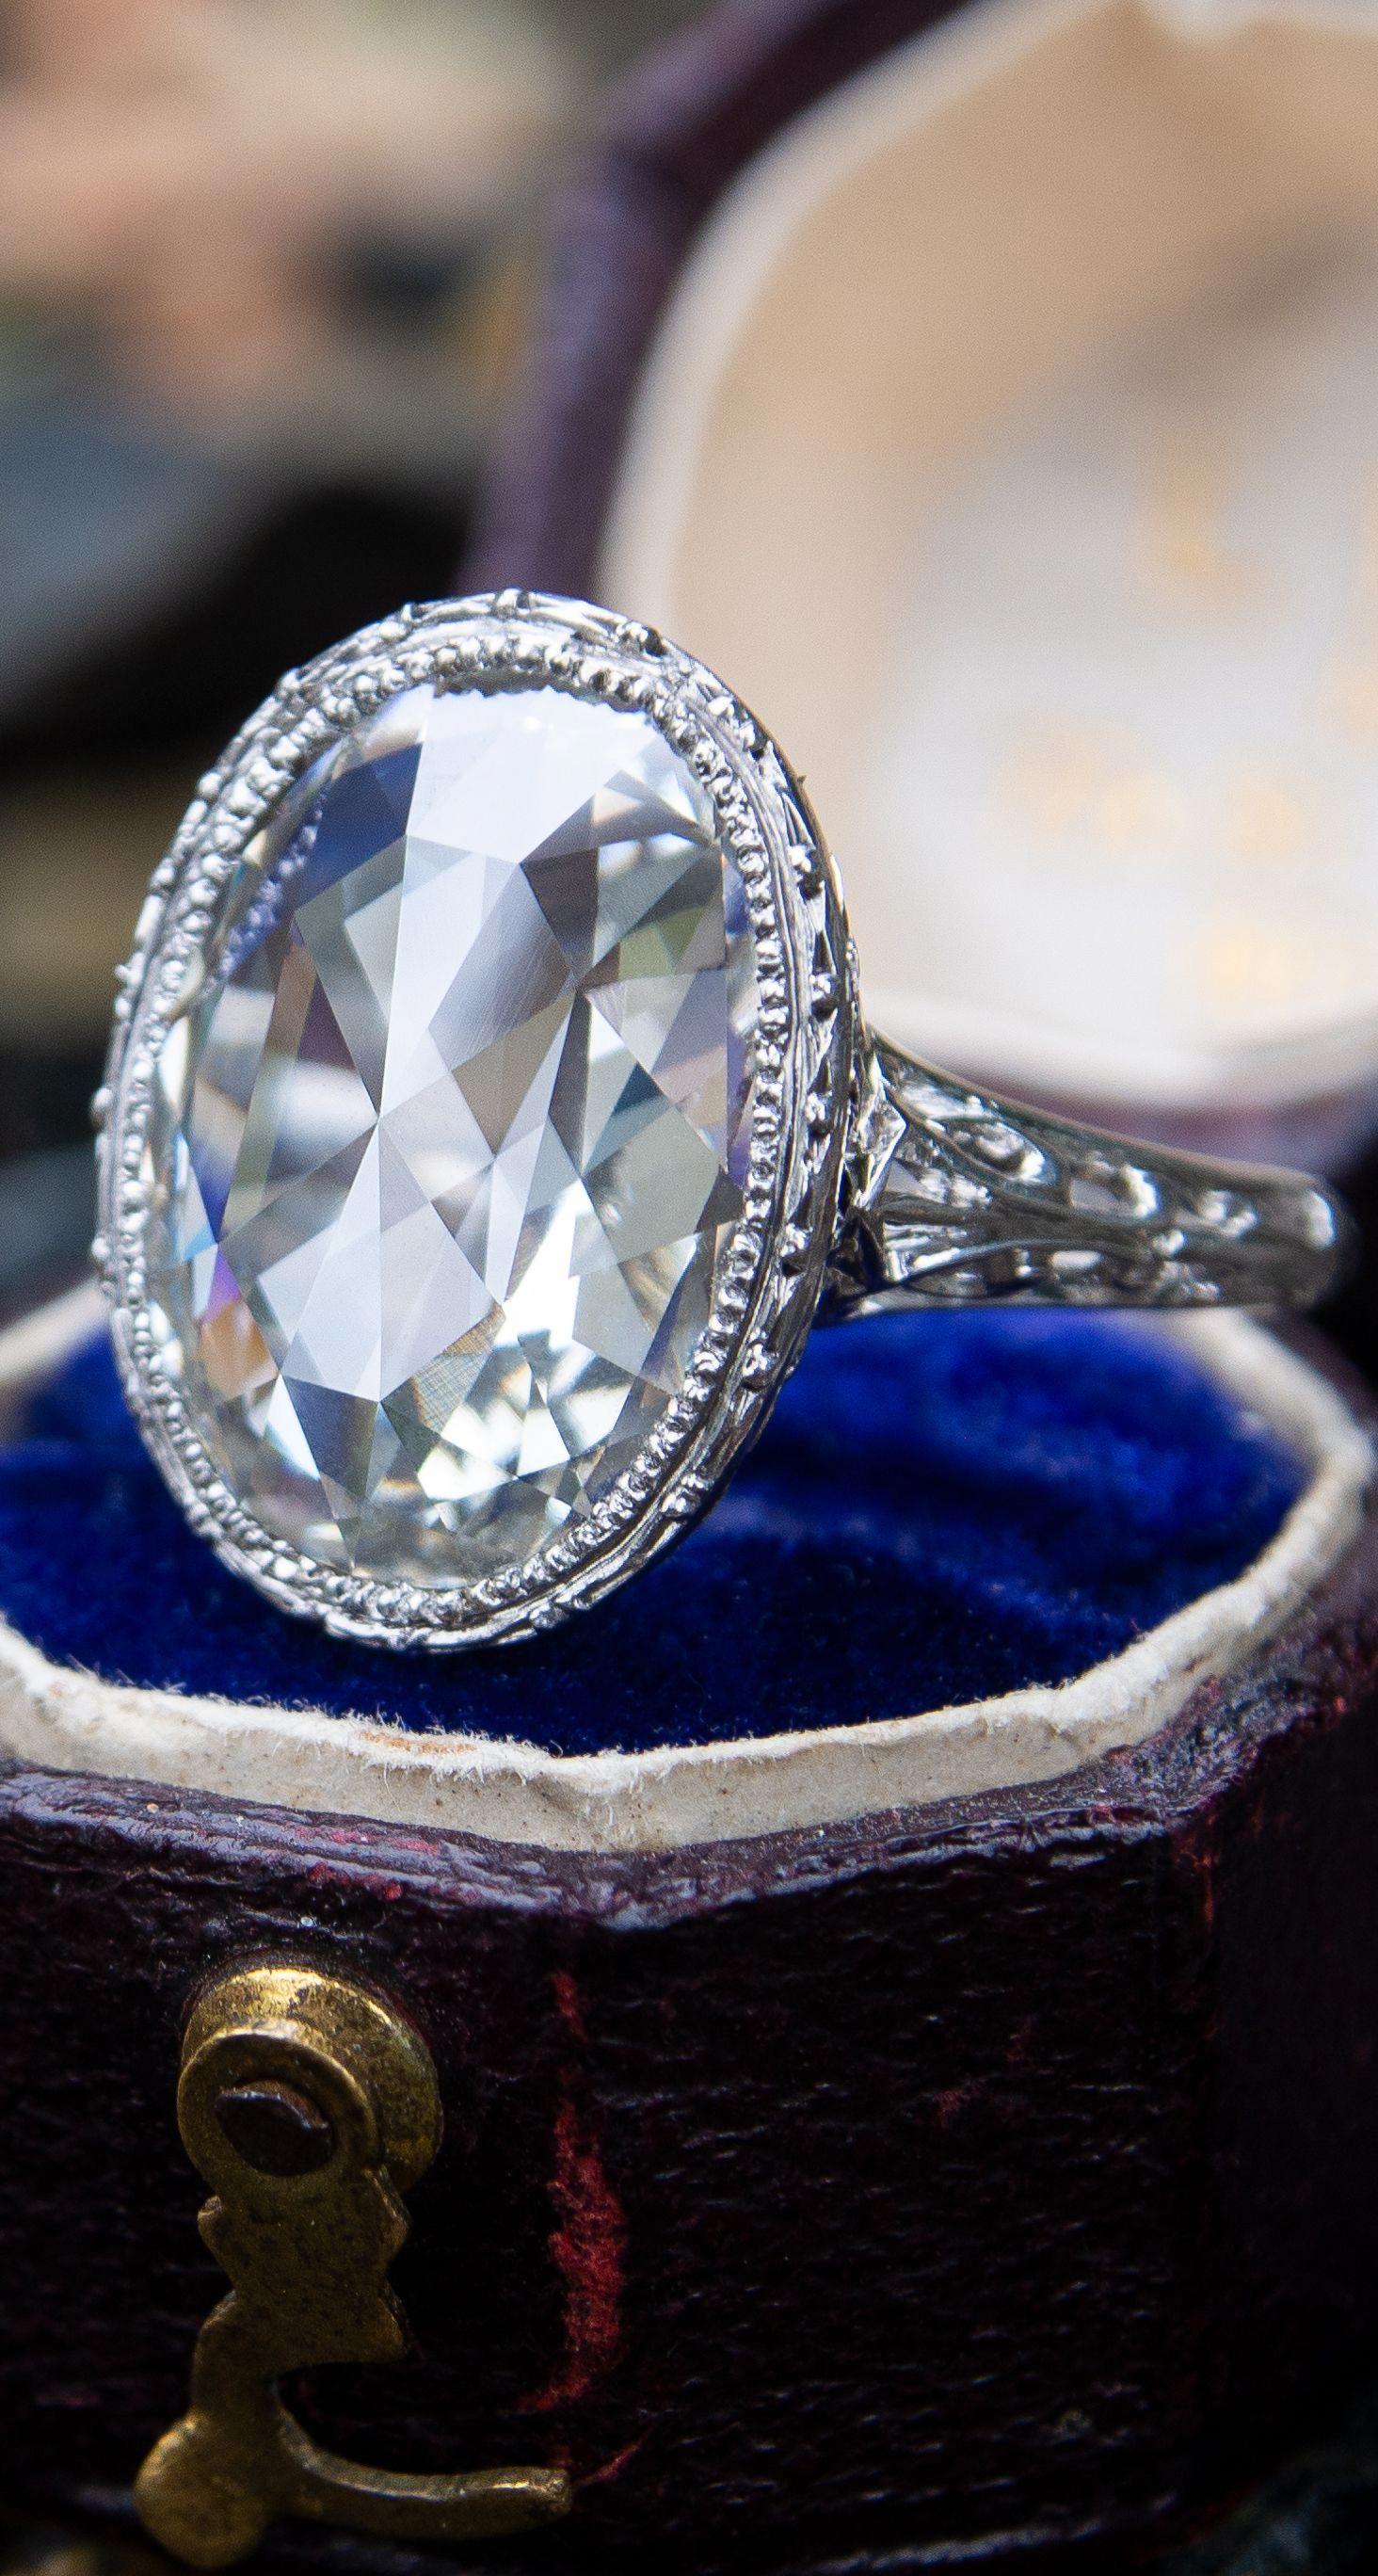 9b8c2698d471e Antique Rose Cut Diamond at EraGem.com #antiquerings | Antique Rings ...